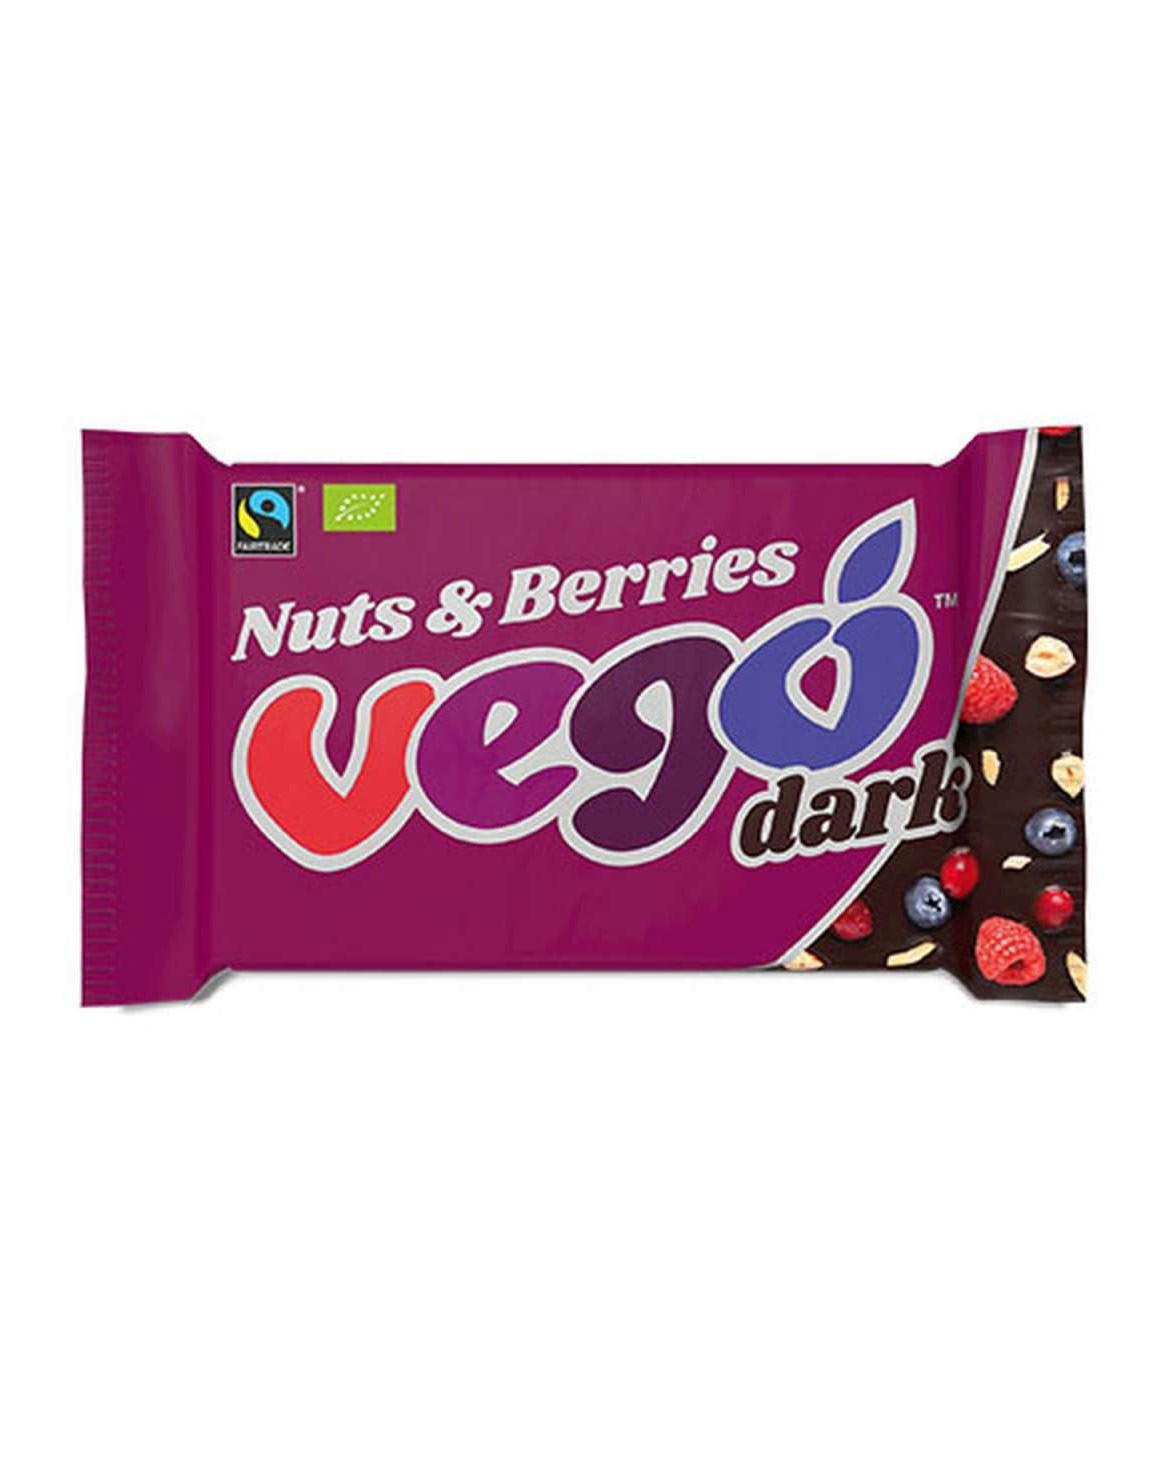 Vego Dark Nuts & Berries